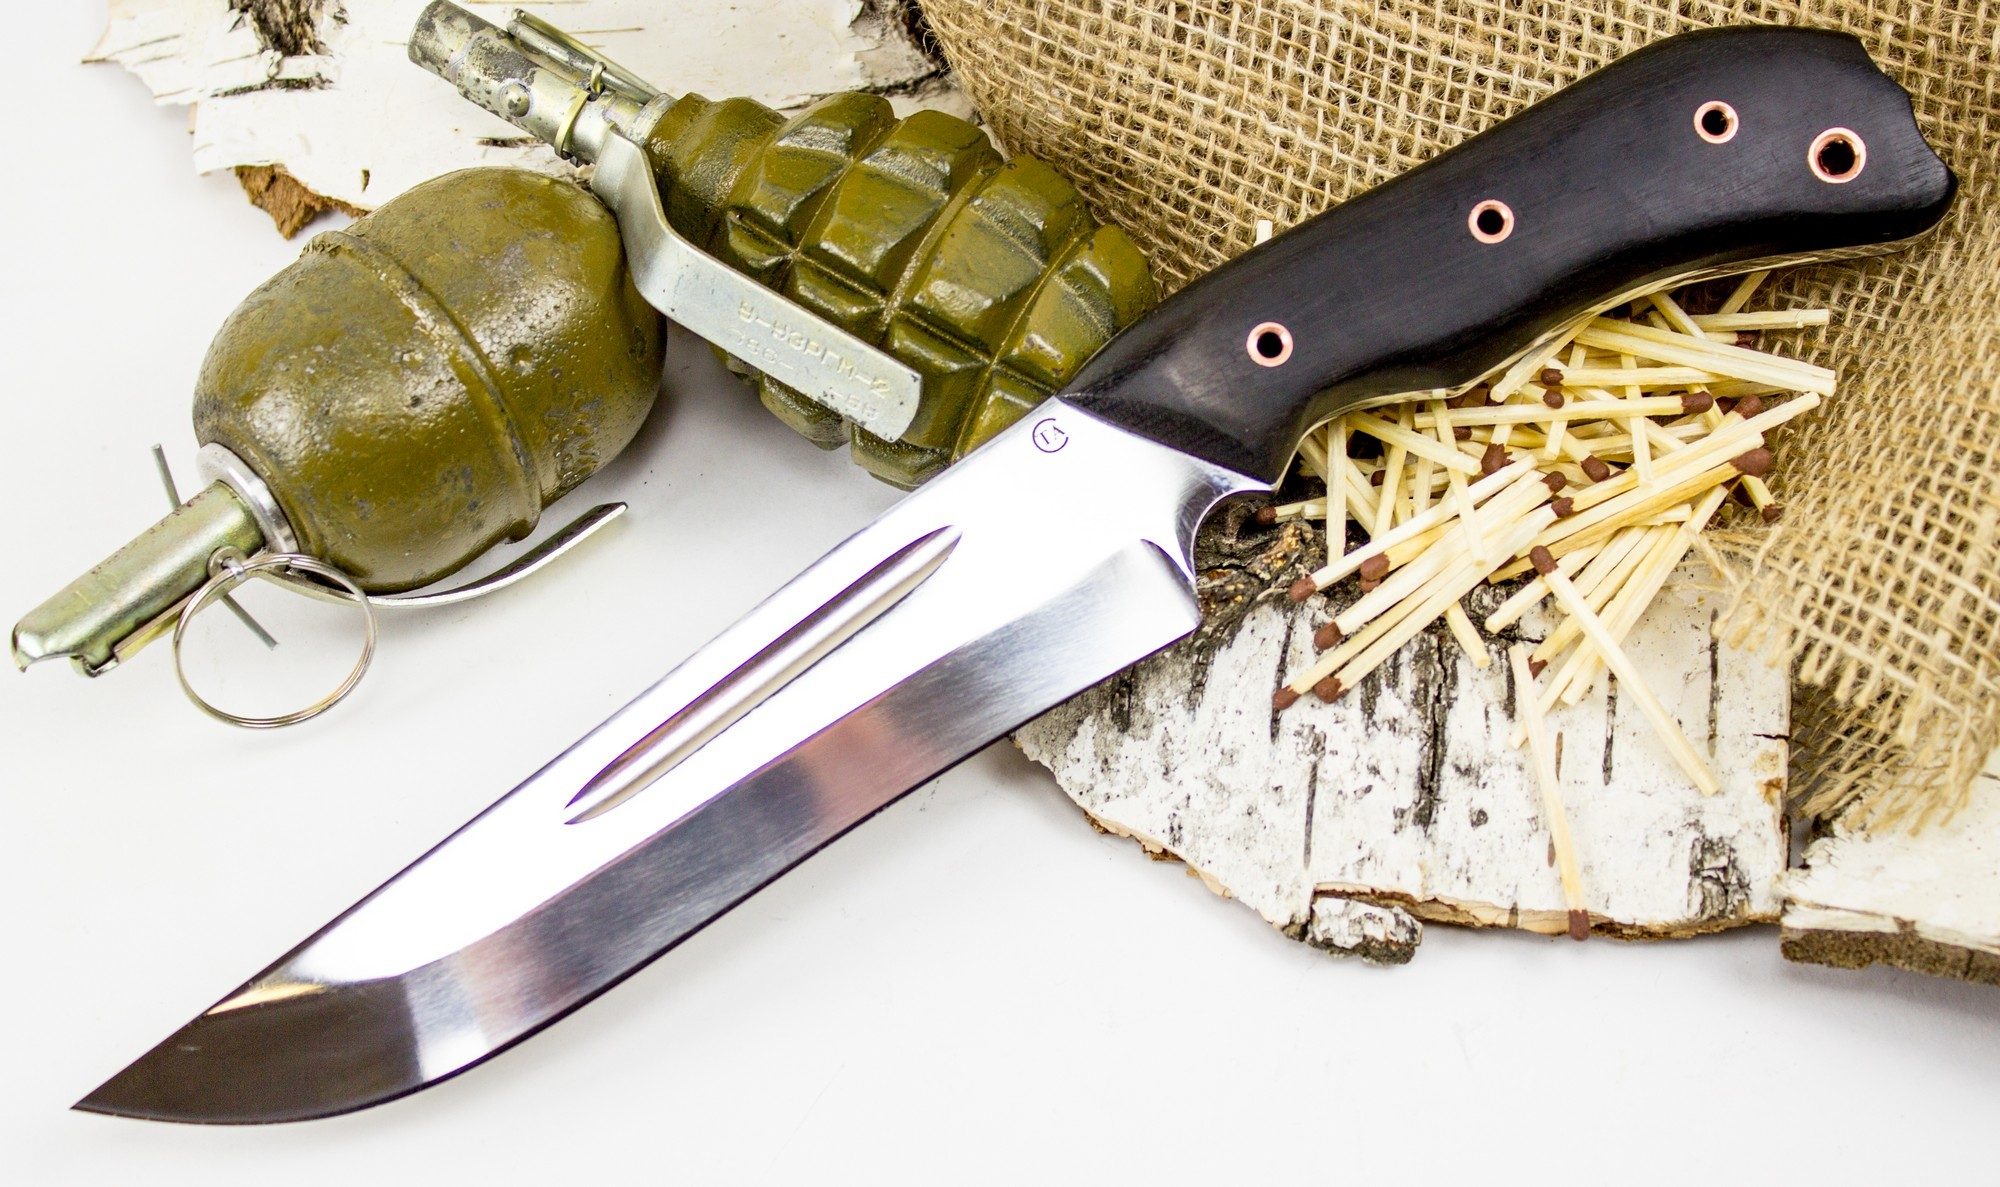 Нож Гарпун-1, сталь 95х18, венгеНожи разведчика НР, Финки НКВД<br>Нож Гарпун-1 обладает высокой прочностью, благодаря тому, что он представляет собой «фулл-танг». Нож изготовлен из единого куска стали. Такой нож практически невозможно сломать. Геометрия ножа предназначена для нанесения сильных колющих и рубящих ударов. Рукоять оснащена глубокими подпальцевыми выемками, которые защищают пальцы от соскальзывания на режущую кромку. На тыльнике рукояти размещено отверстие для темляка или подвеса. Тыльная часть рукоятки имеет расширение, благодаря чему нож уверенно фиксируется при выполнении рубящих ударов.<br>